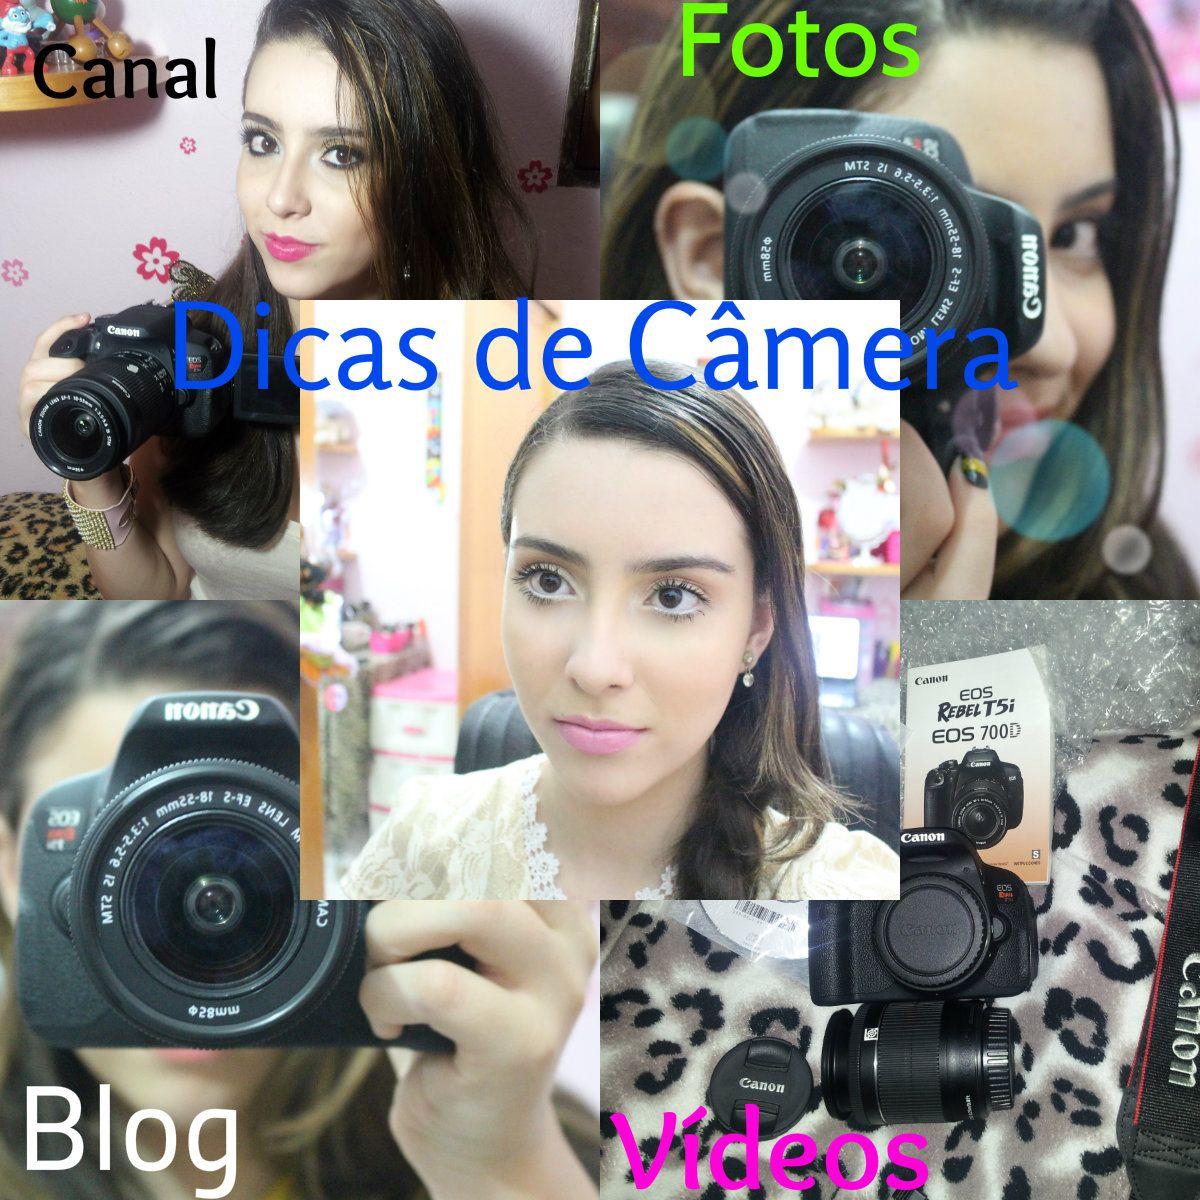 Dicas de fotografia e vídeos: Enquanto a câmera não chega! https://www.youtube.com/watch?v=NgMJjDxuYK4